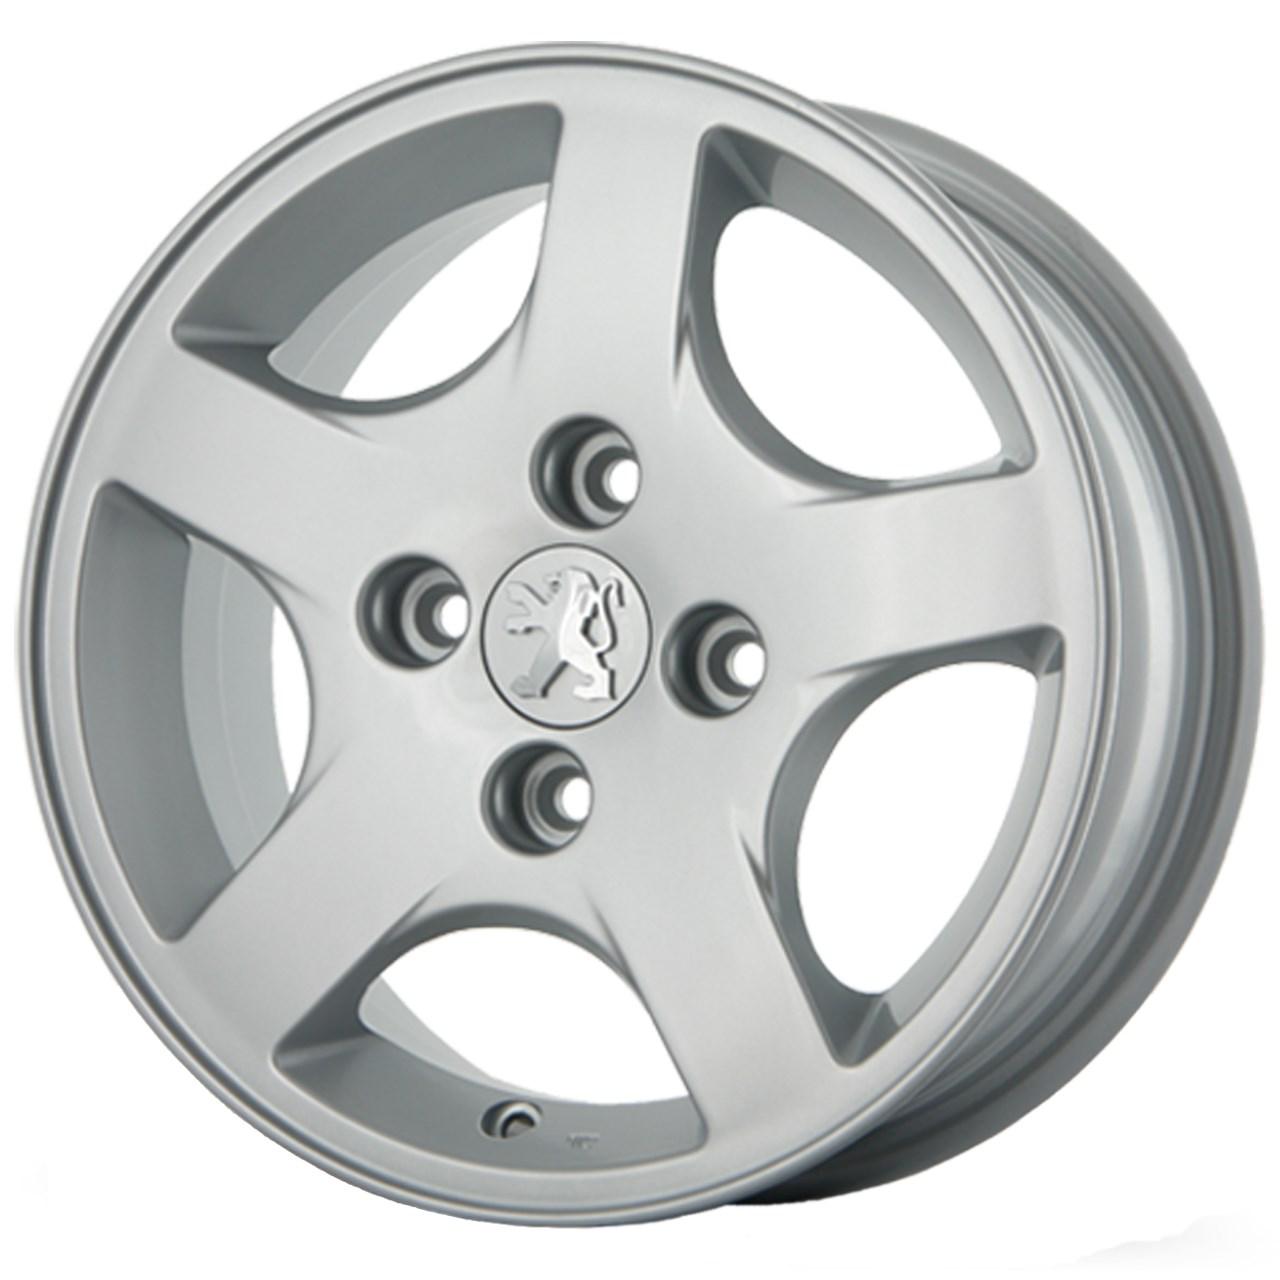 رینگ آلومینیومی چرخ مدل KW018A مناسب برای خودروی پژو 207 و 206